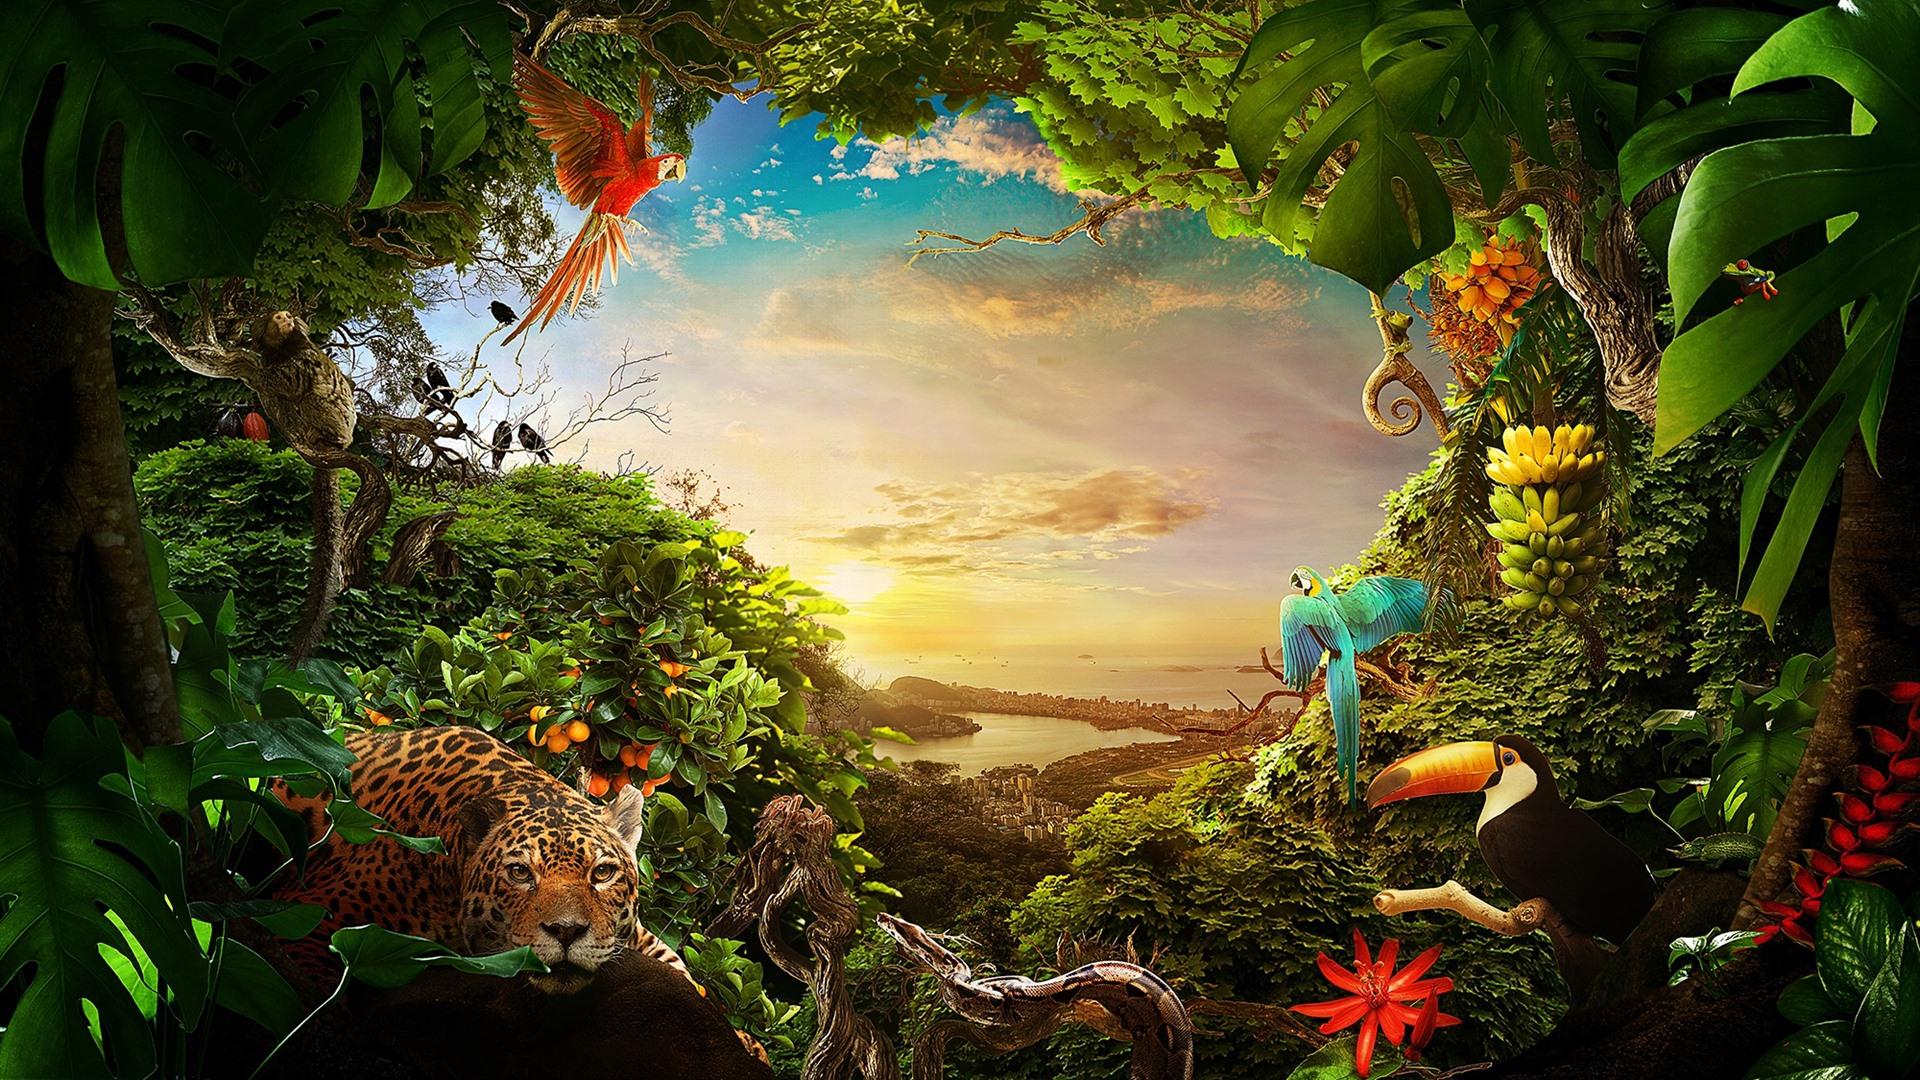 Fondo De Pantalla Selva: Fondos De Pantalla Selva, Muchos Animales, Plantas, Ciudad